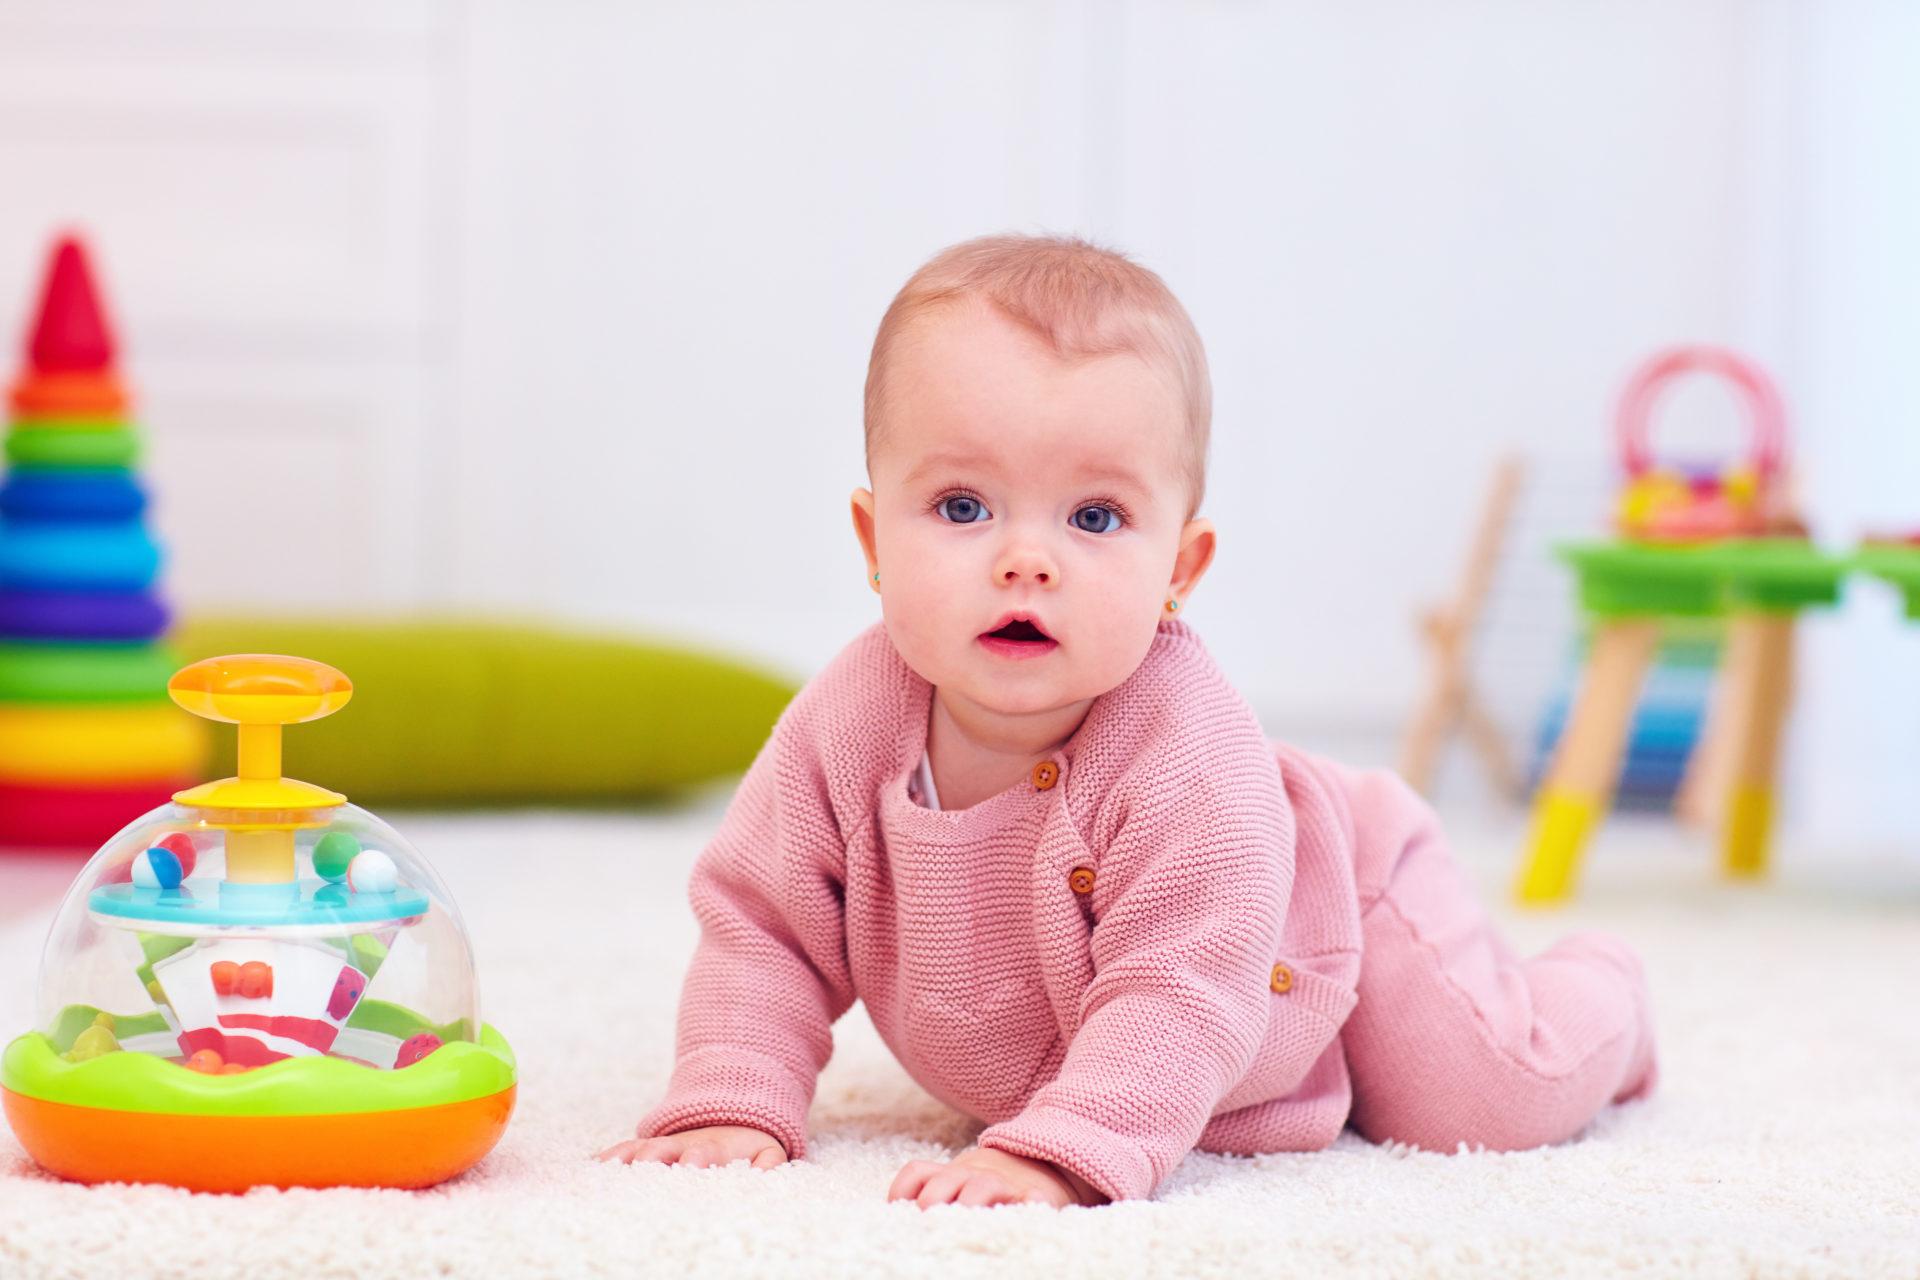 Cadeau Fille Jouet Bébé De 6 Mois, 9 Mois Et 12 Mois : Idées encequiconcerne Bebe 6 Mois Eveil